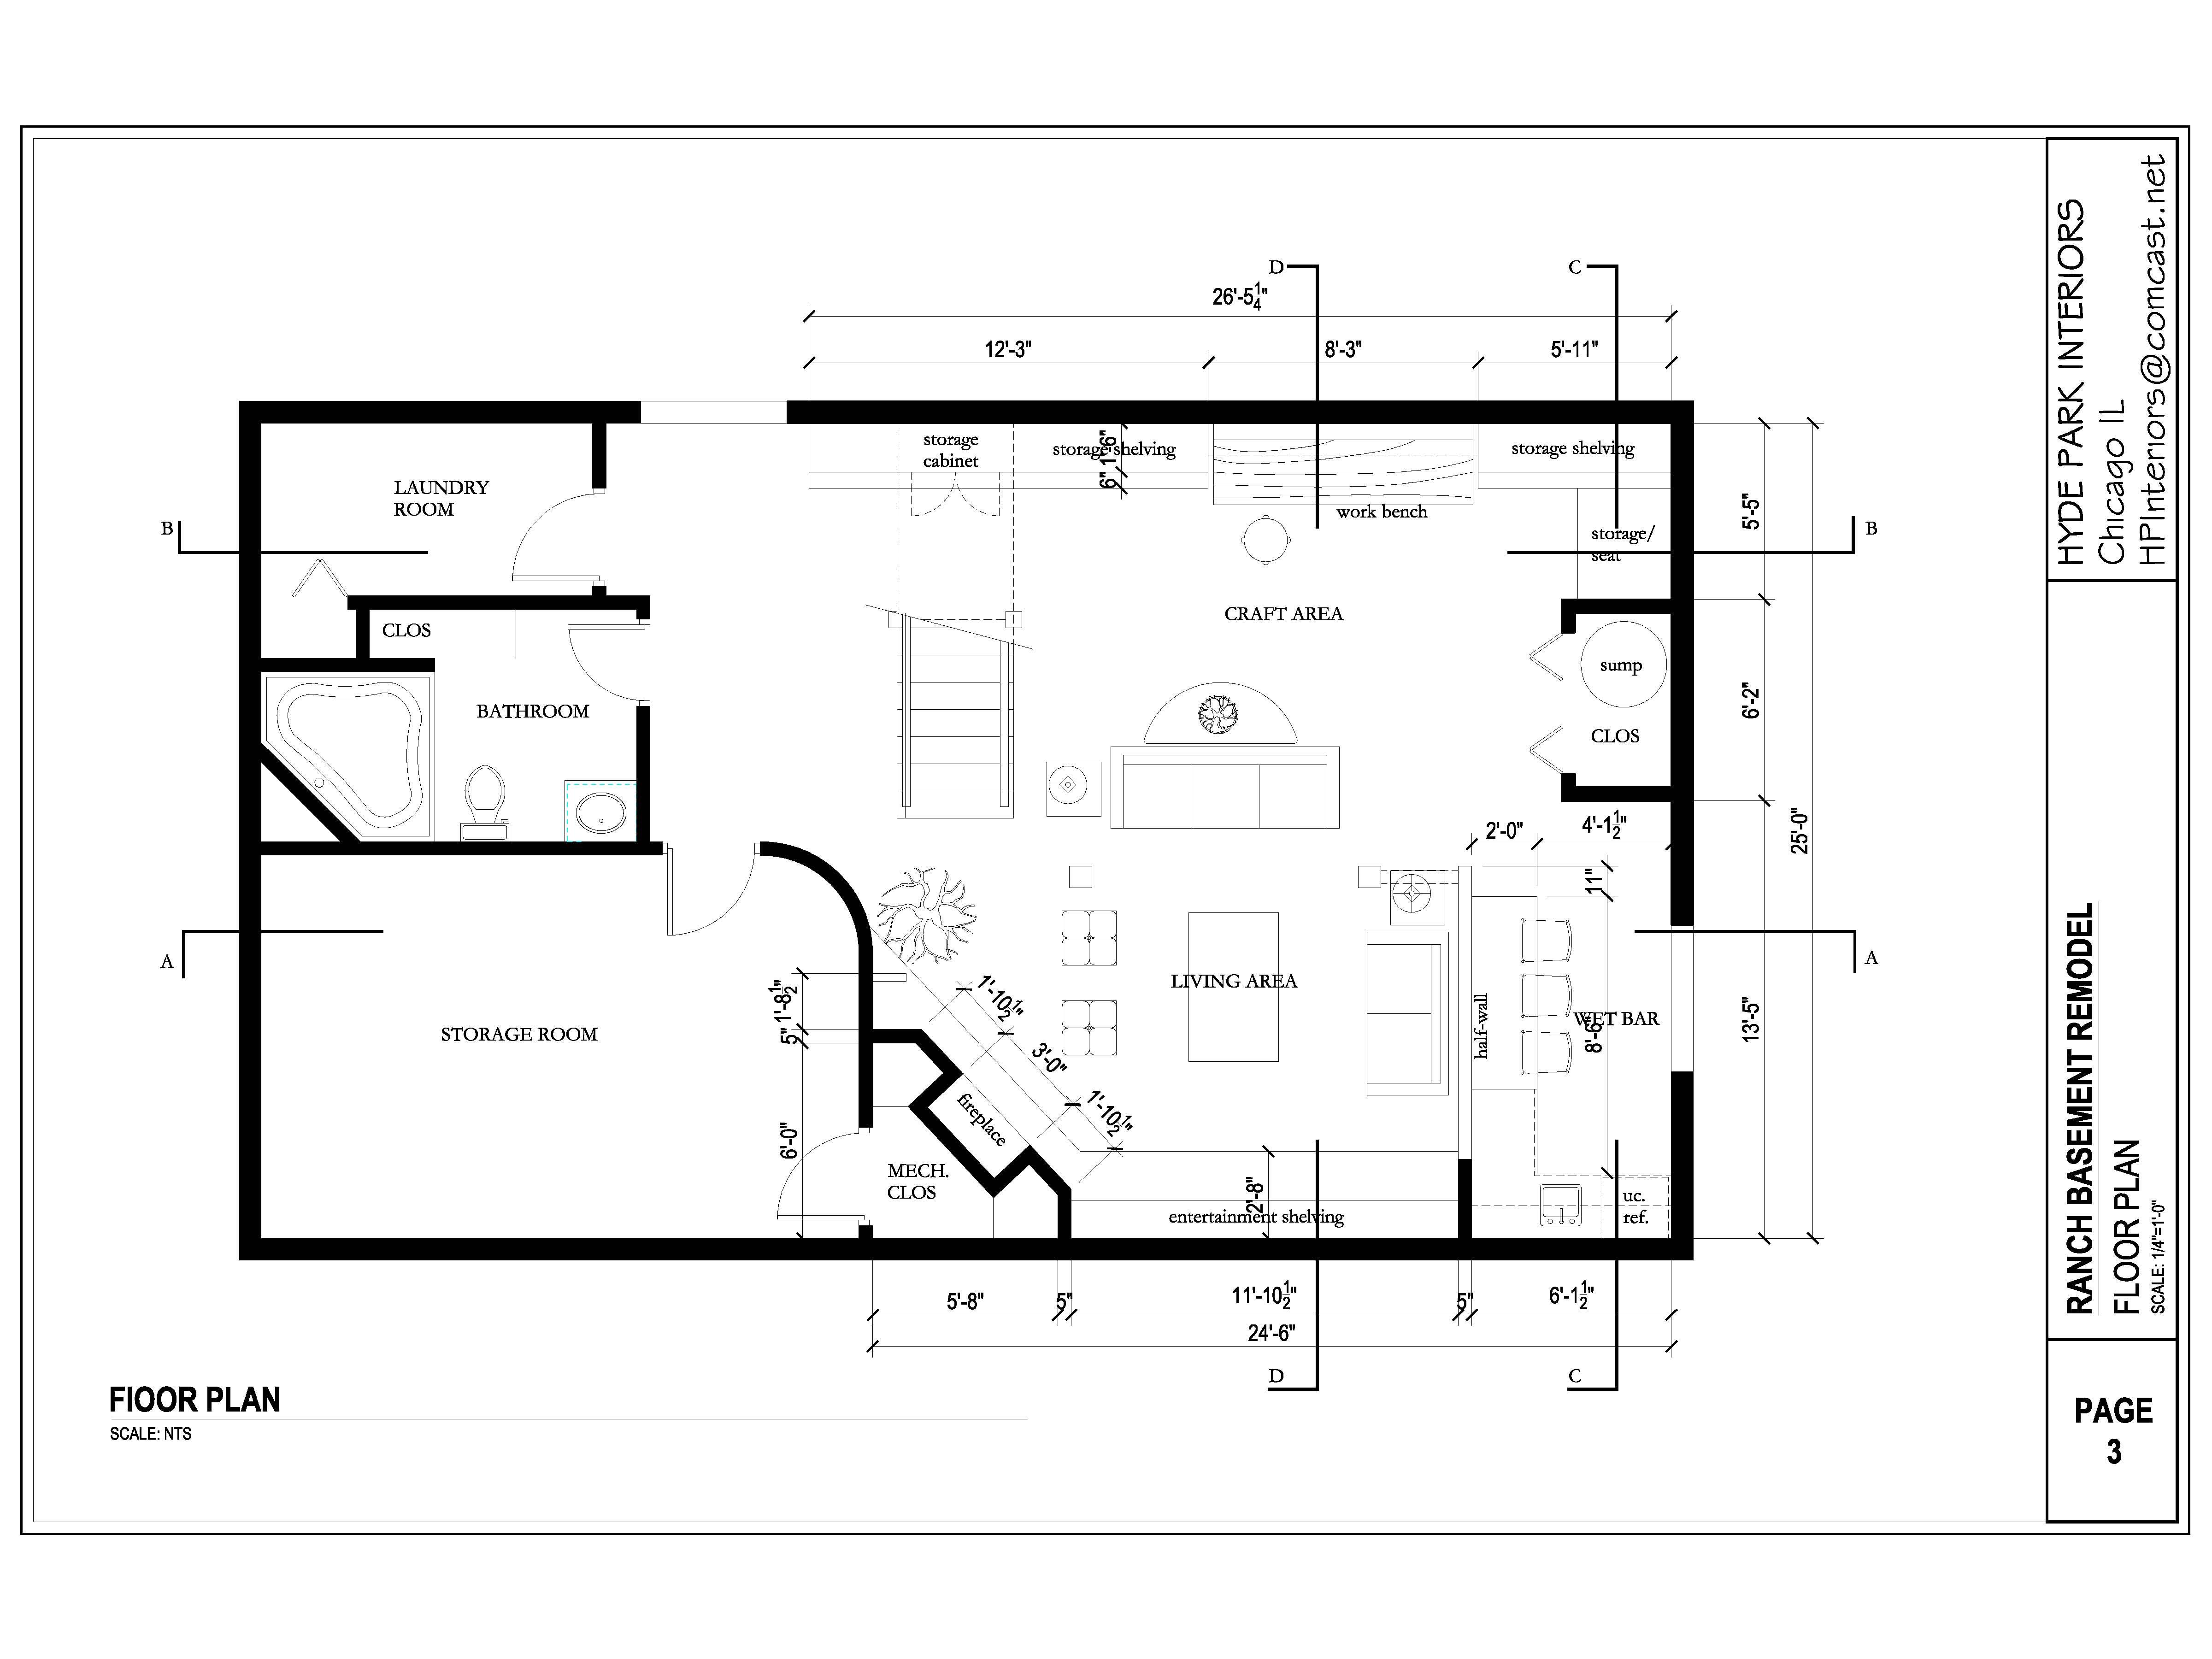 basement layout plans ideas